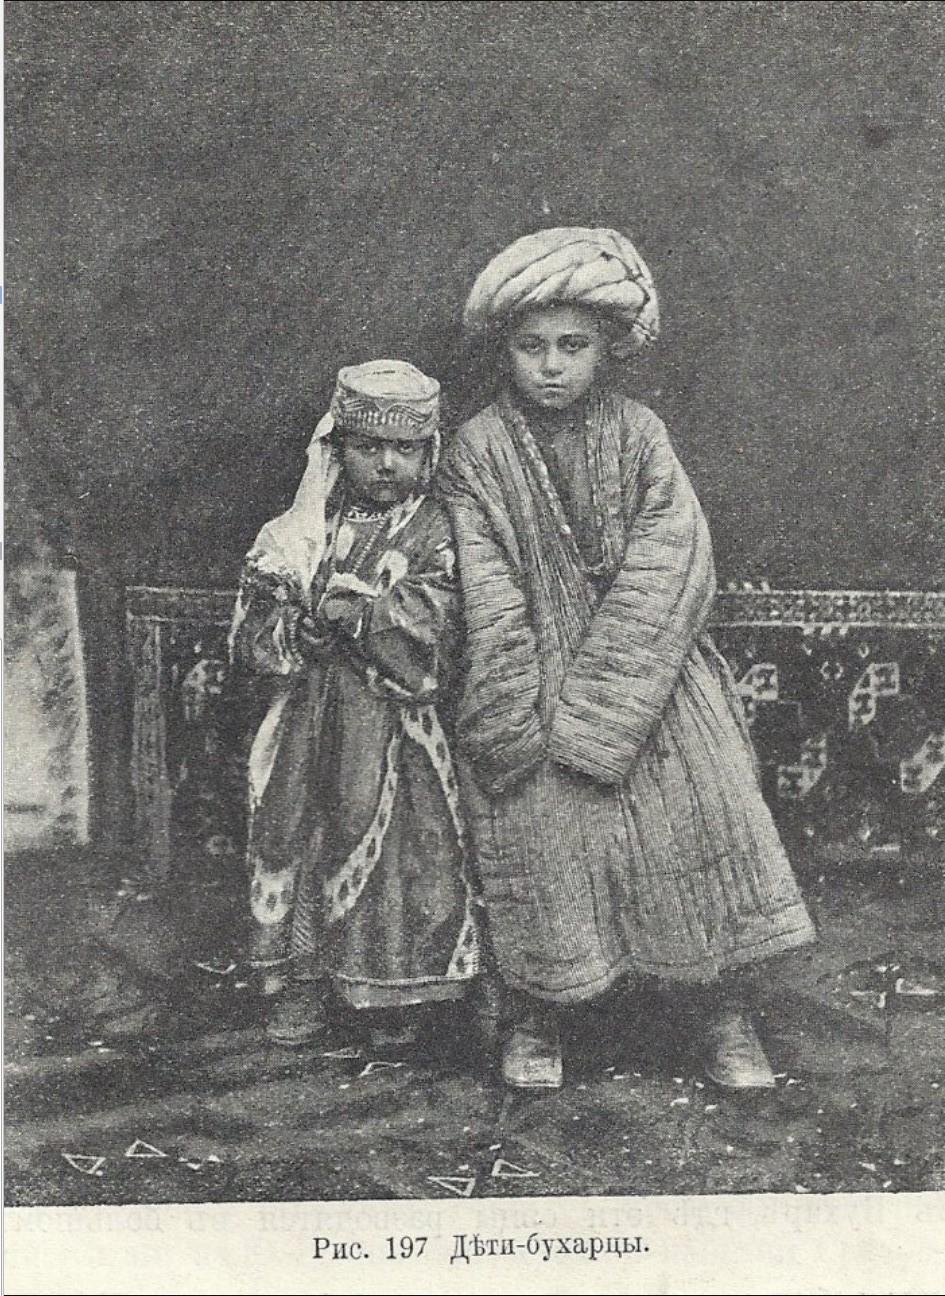 Дети-бухарцы